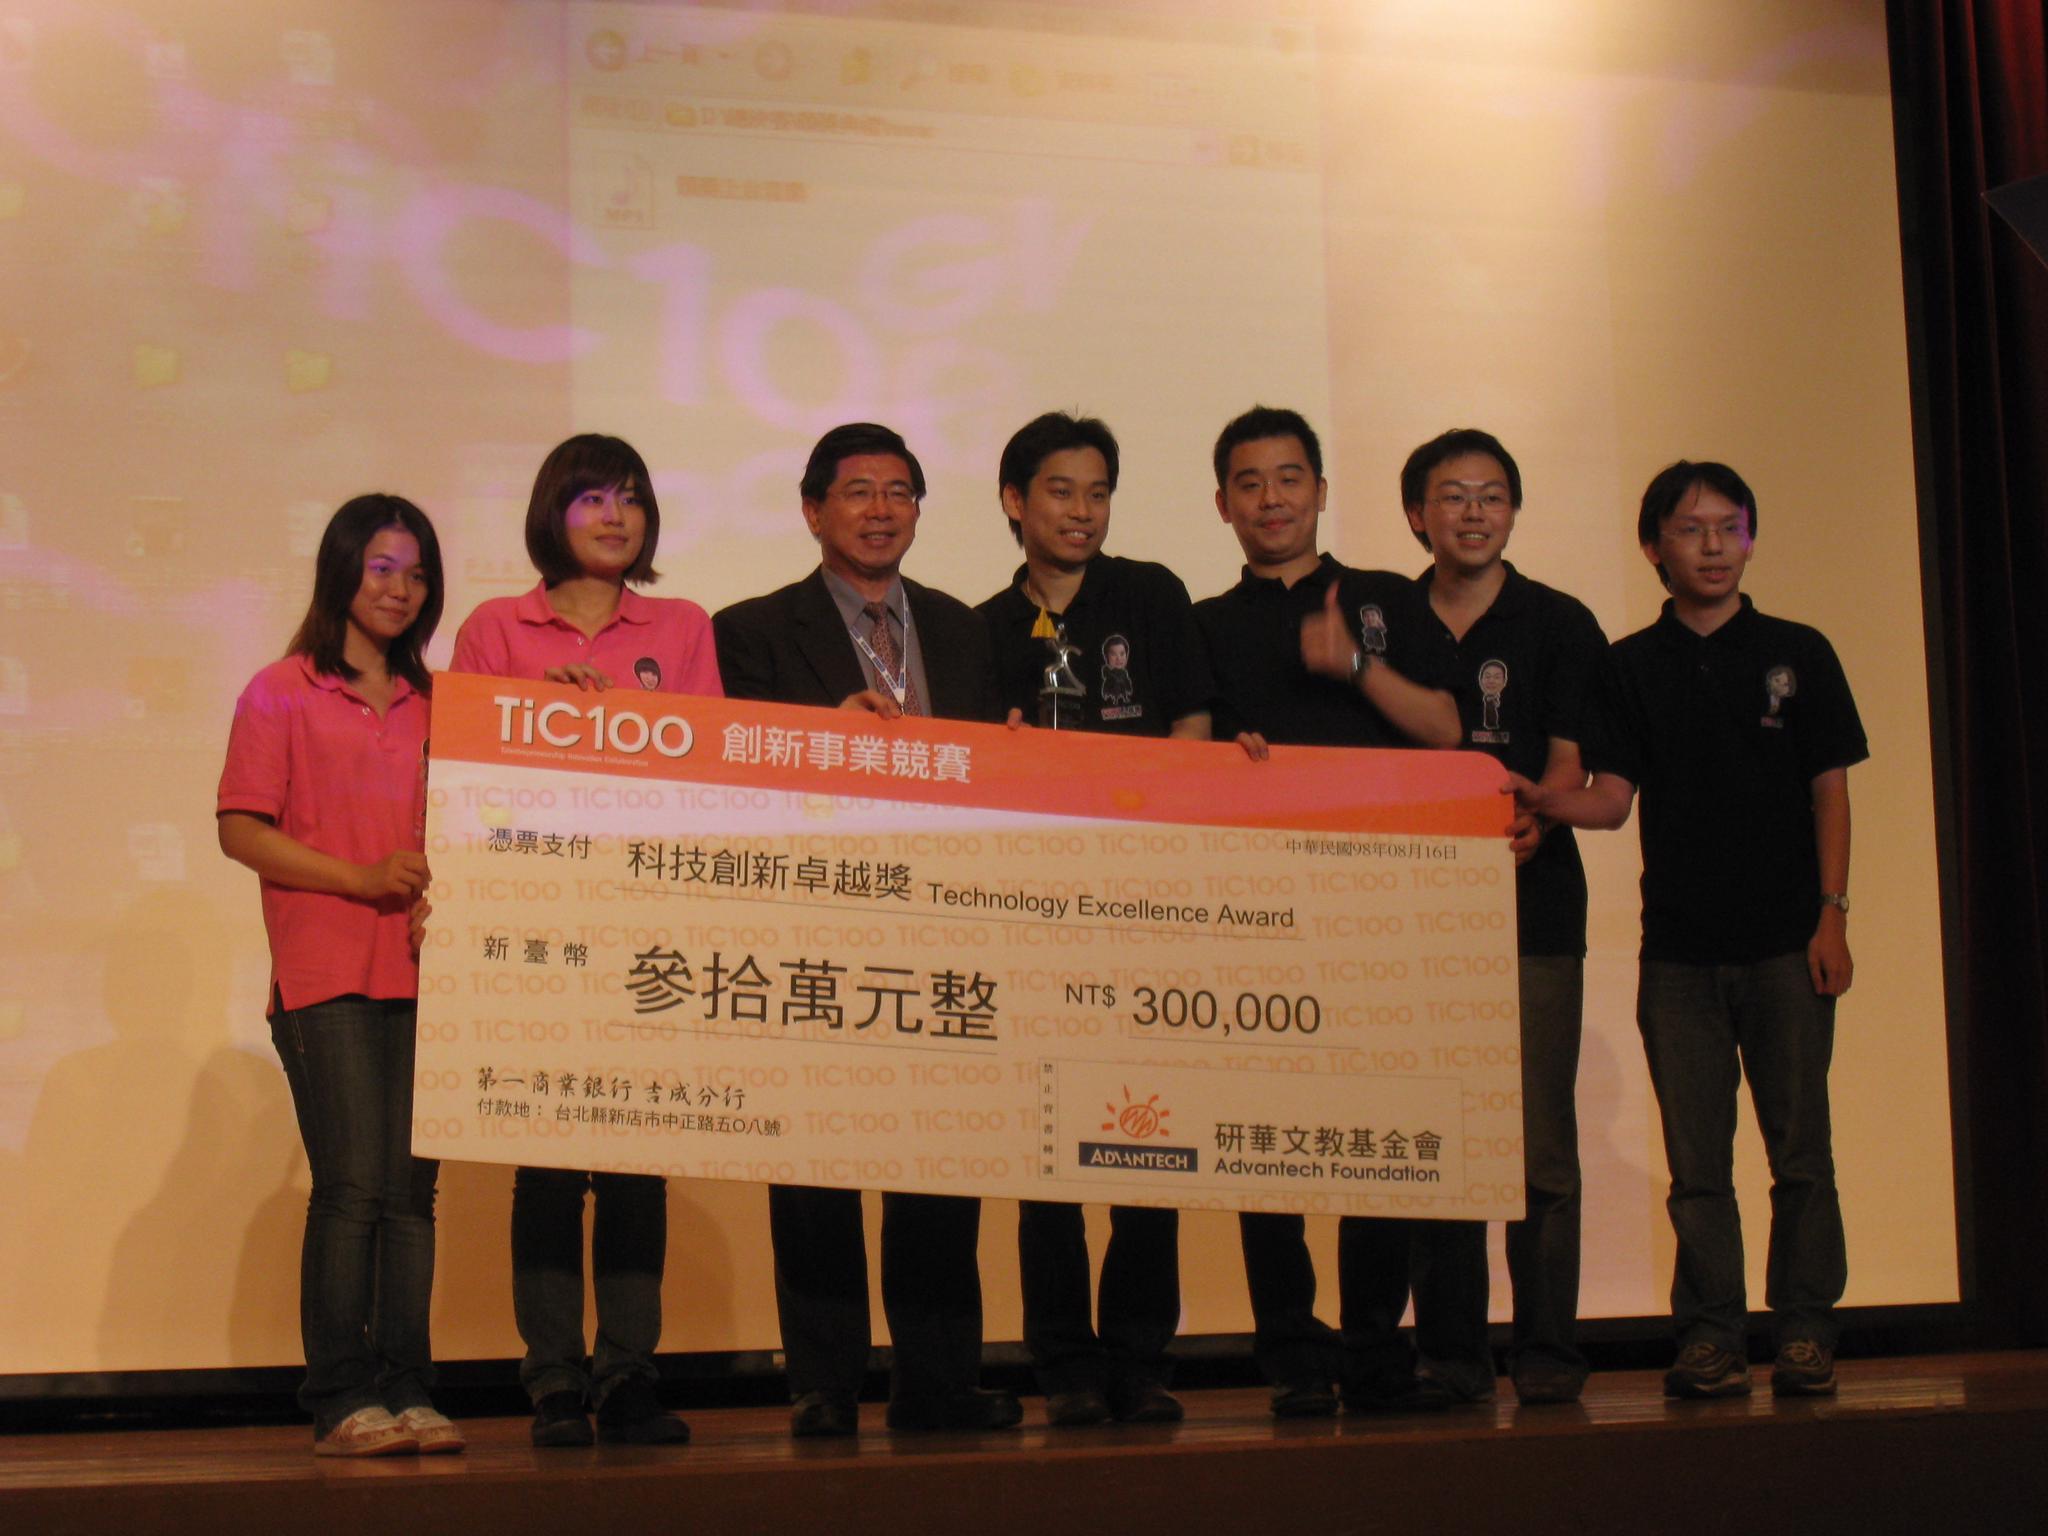 中原大學三創教育再度發威 學生團隊獲全國科技創業冠軍